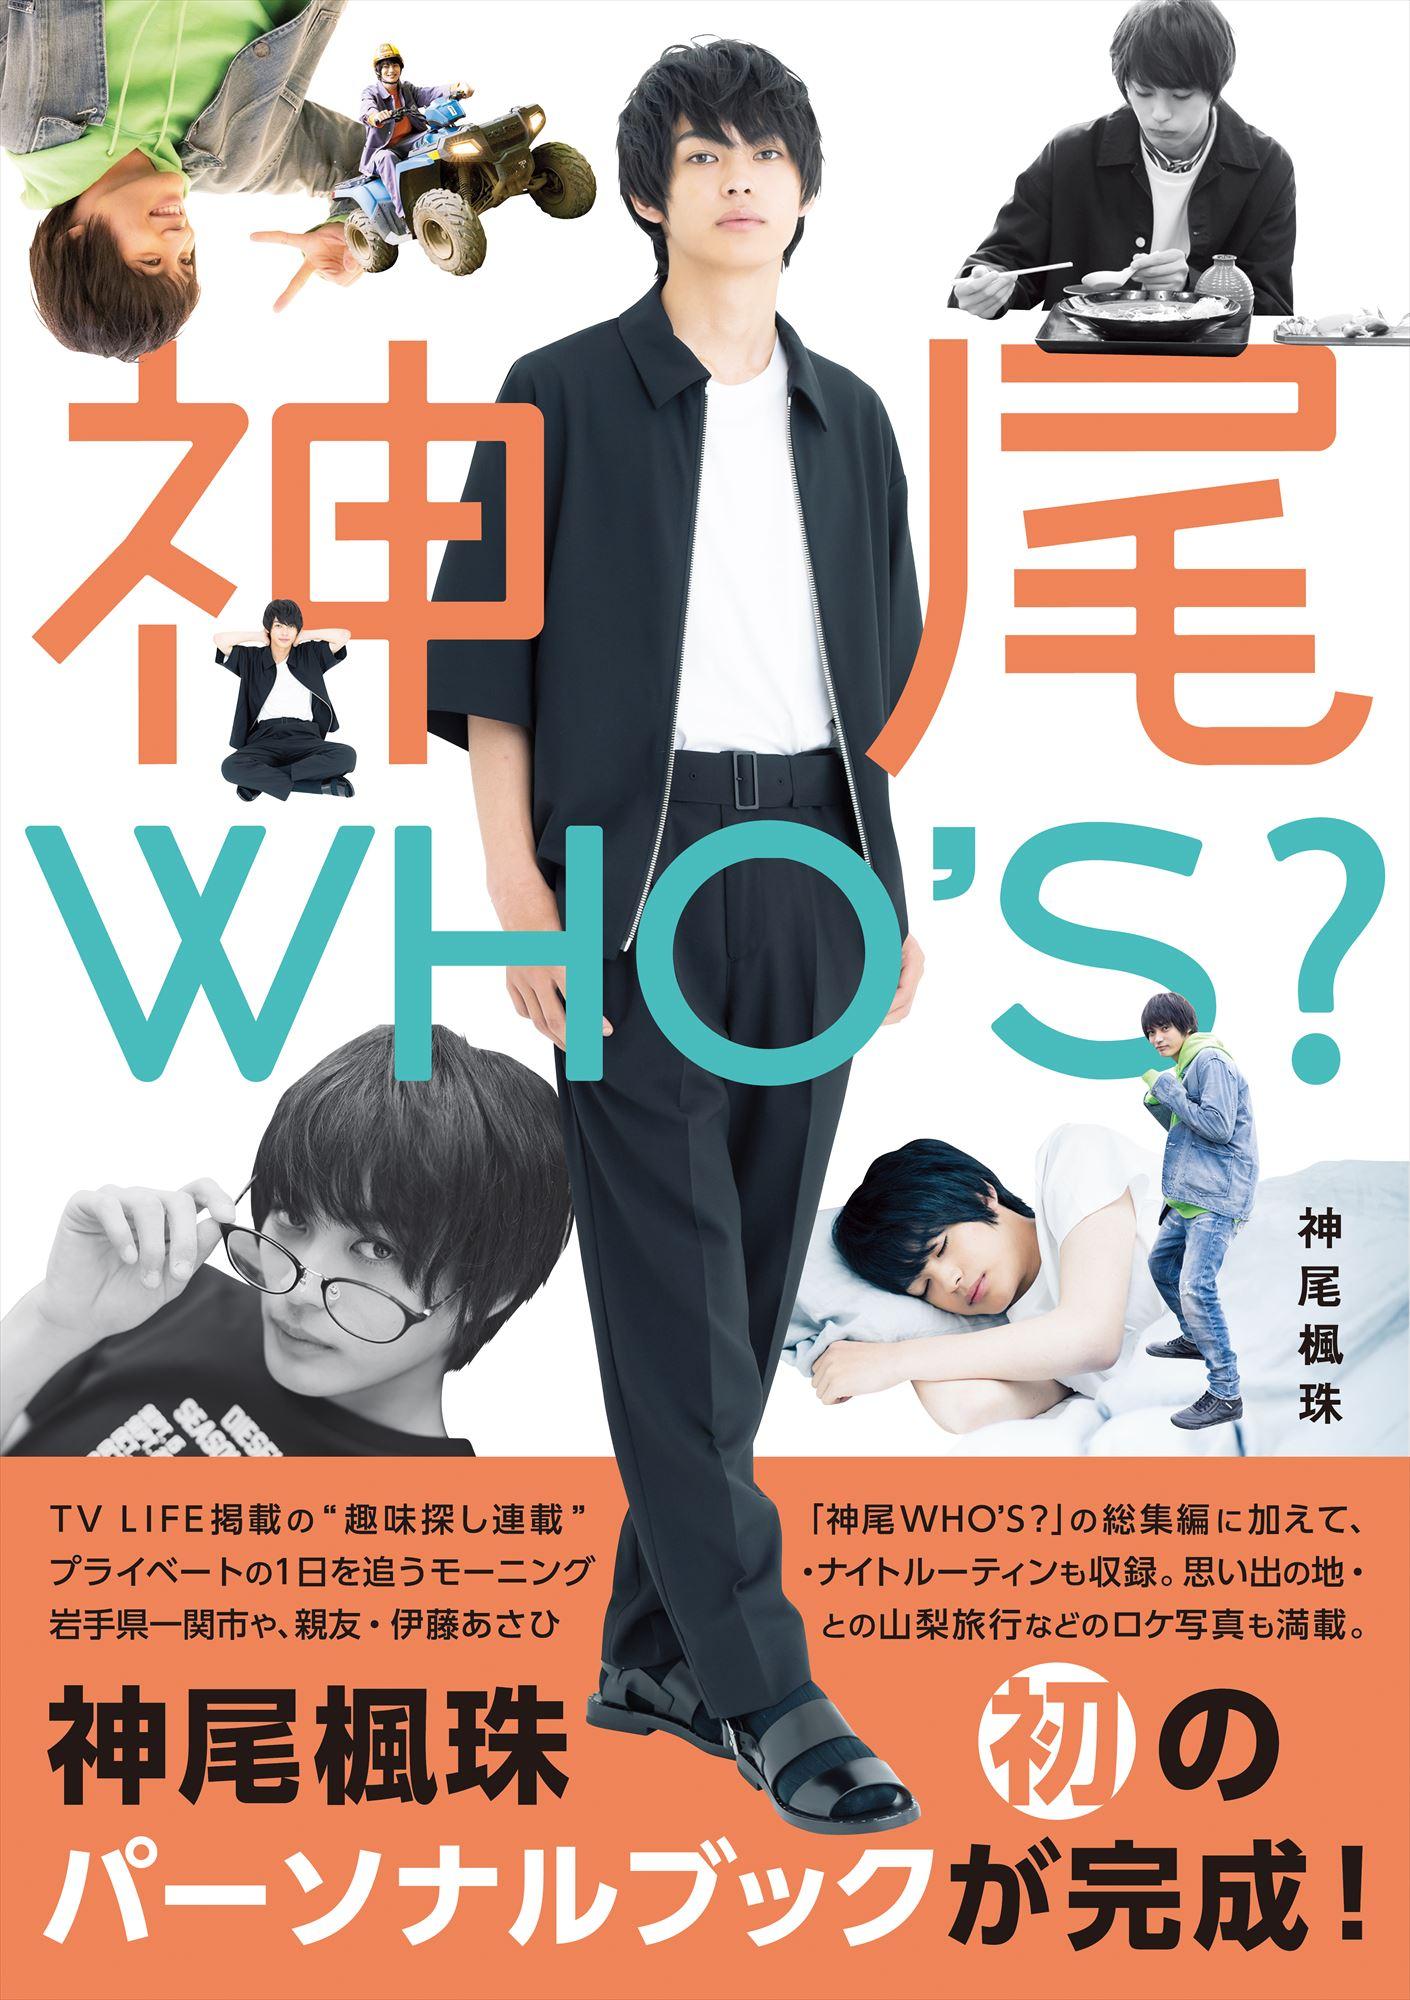 紀伊國屋書店:『神尾WHO'S?』(ワン・パブリッシング)発売記念お渡し会(2021/8/22)